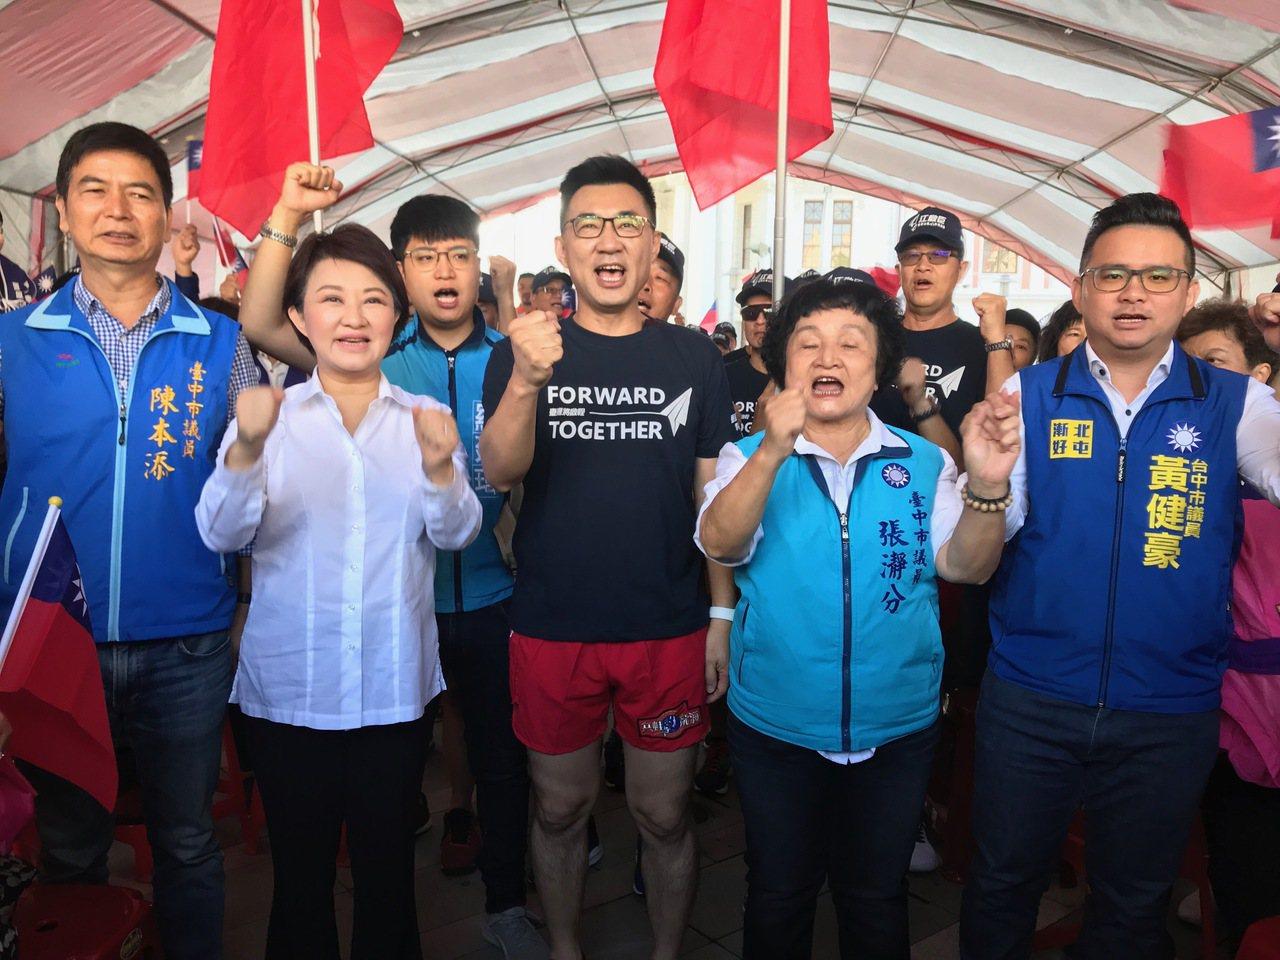 台中市長盧秀燕(左二)今早請假3小時,陪同國民黨立委江啟臣登記參選。現場安排立委...